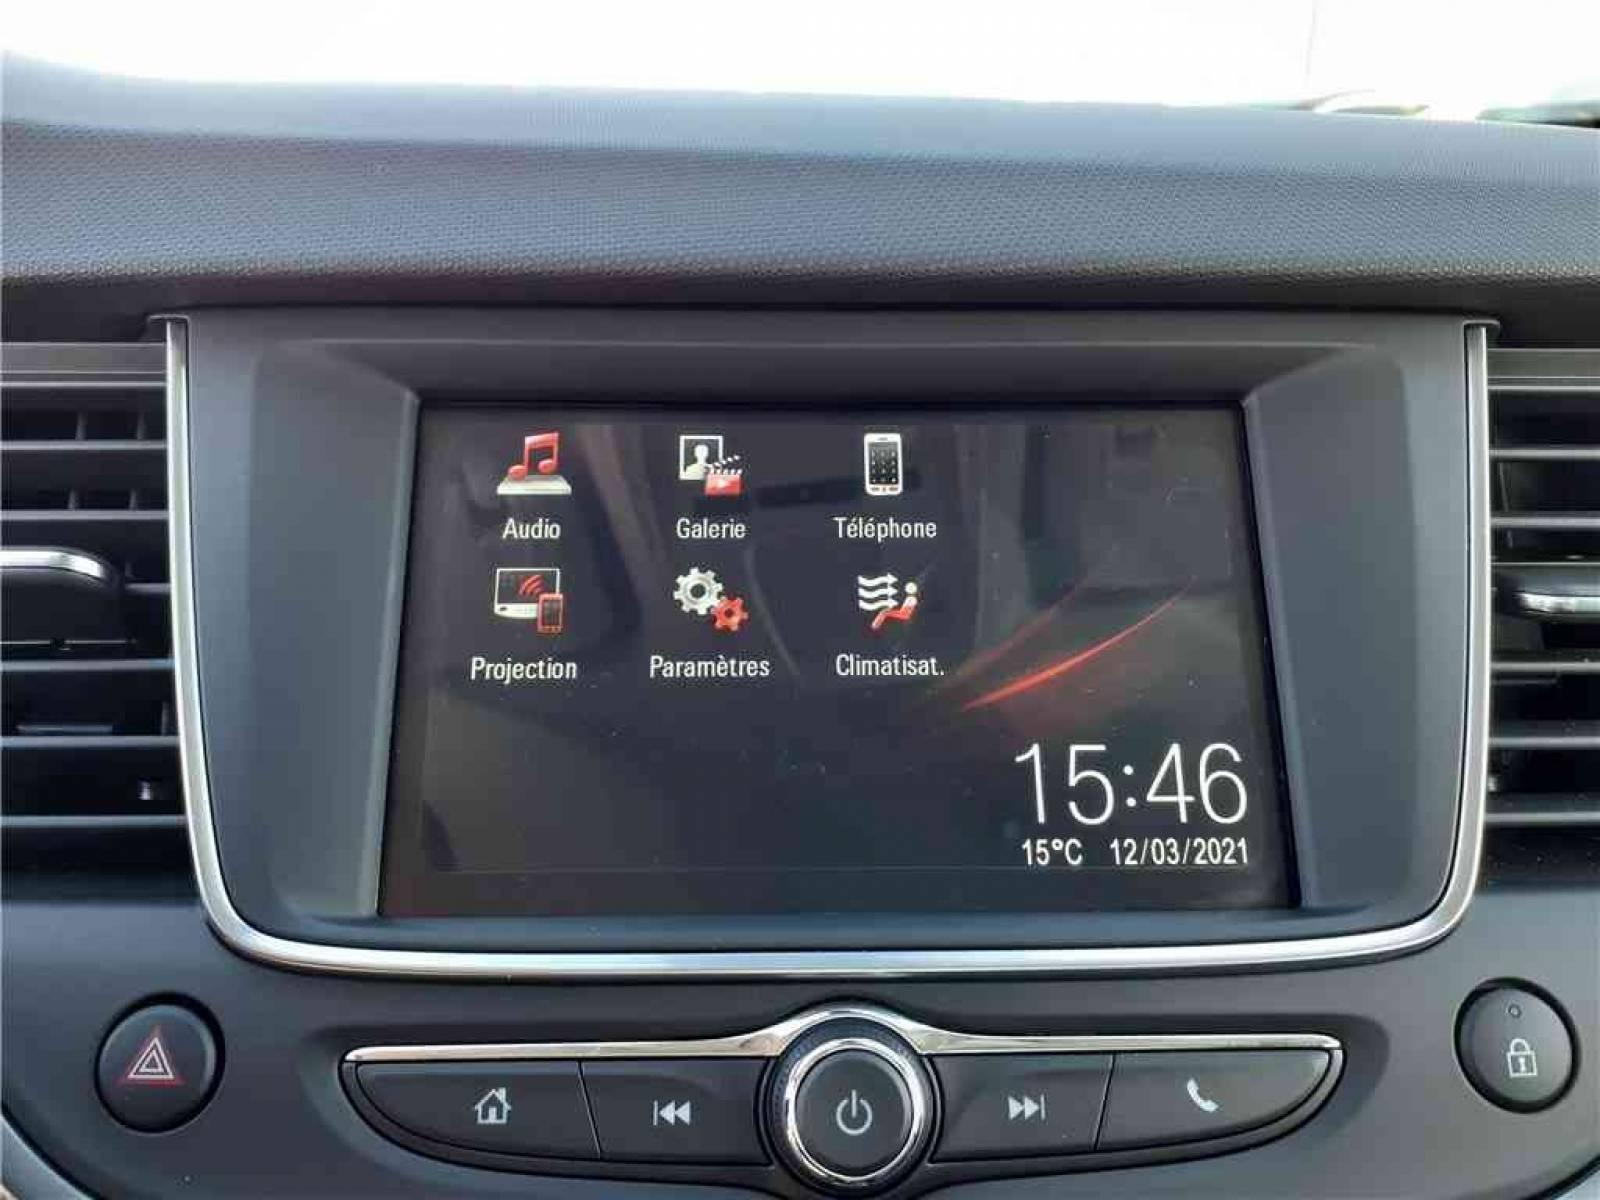 OPEL Crossland X 1.5 D 120 ch BVA6 - véhicule d'occasion - Groupe Guillet - Opel Magicauto - Chalon-sur-Saône - 71380 - Saint-Marcel - 36